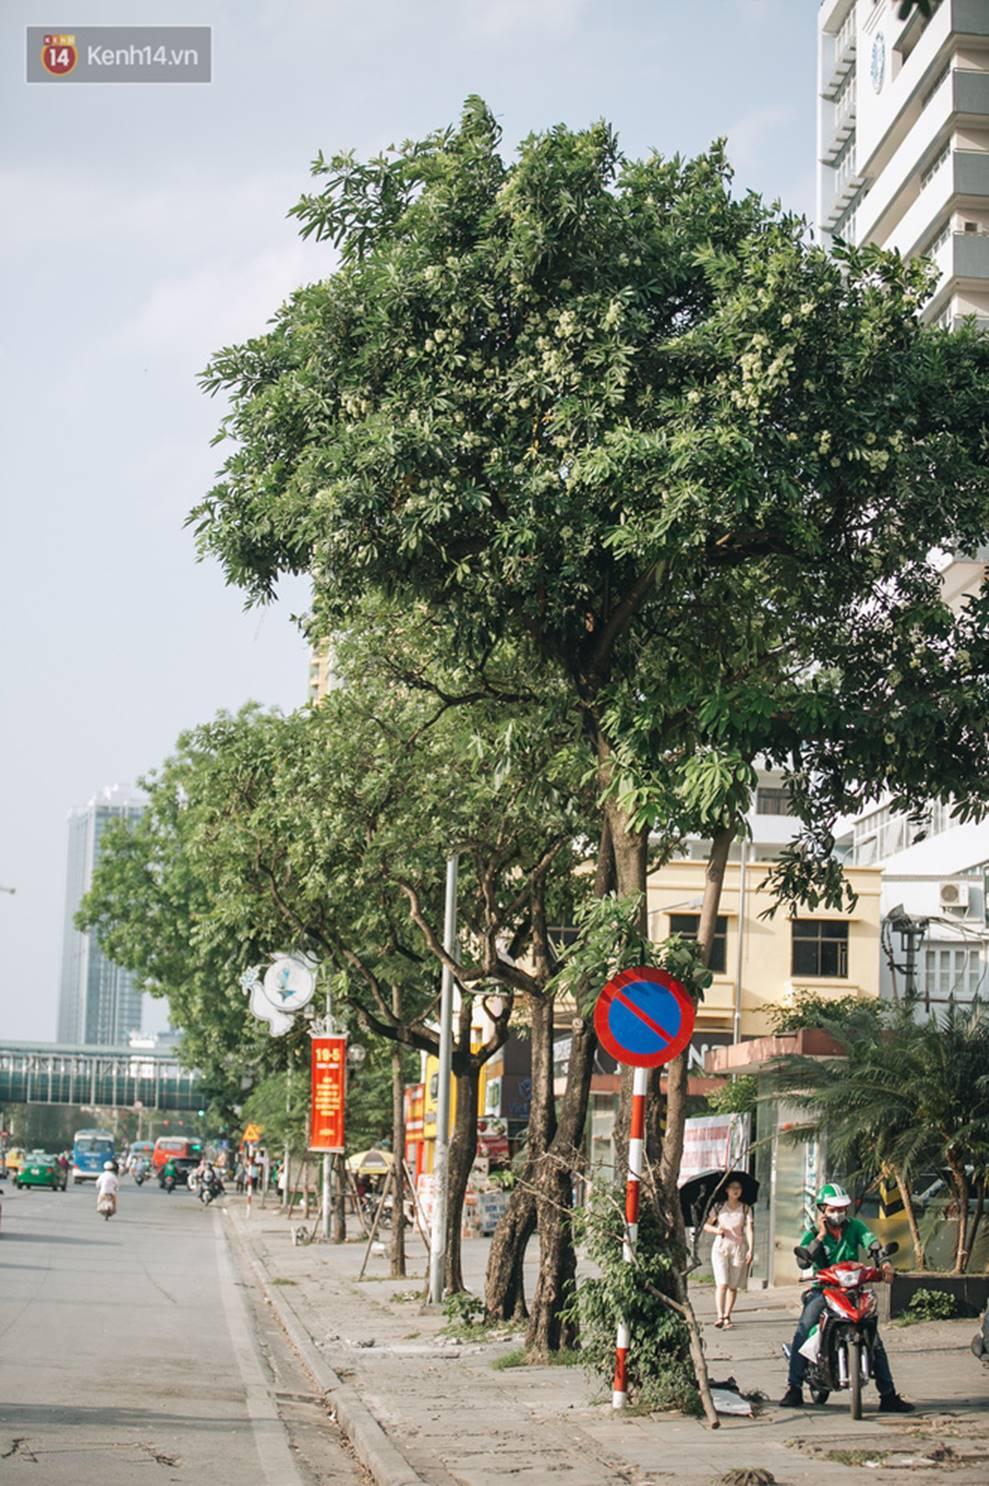 Không chỉ biến hạ thành đông, Hà Nội còn gọi cả hàng cây hoa sữa bung nở khắp phố dù trái mùa-10